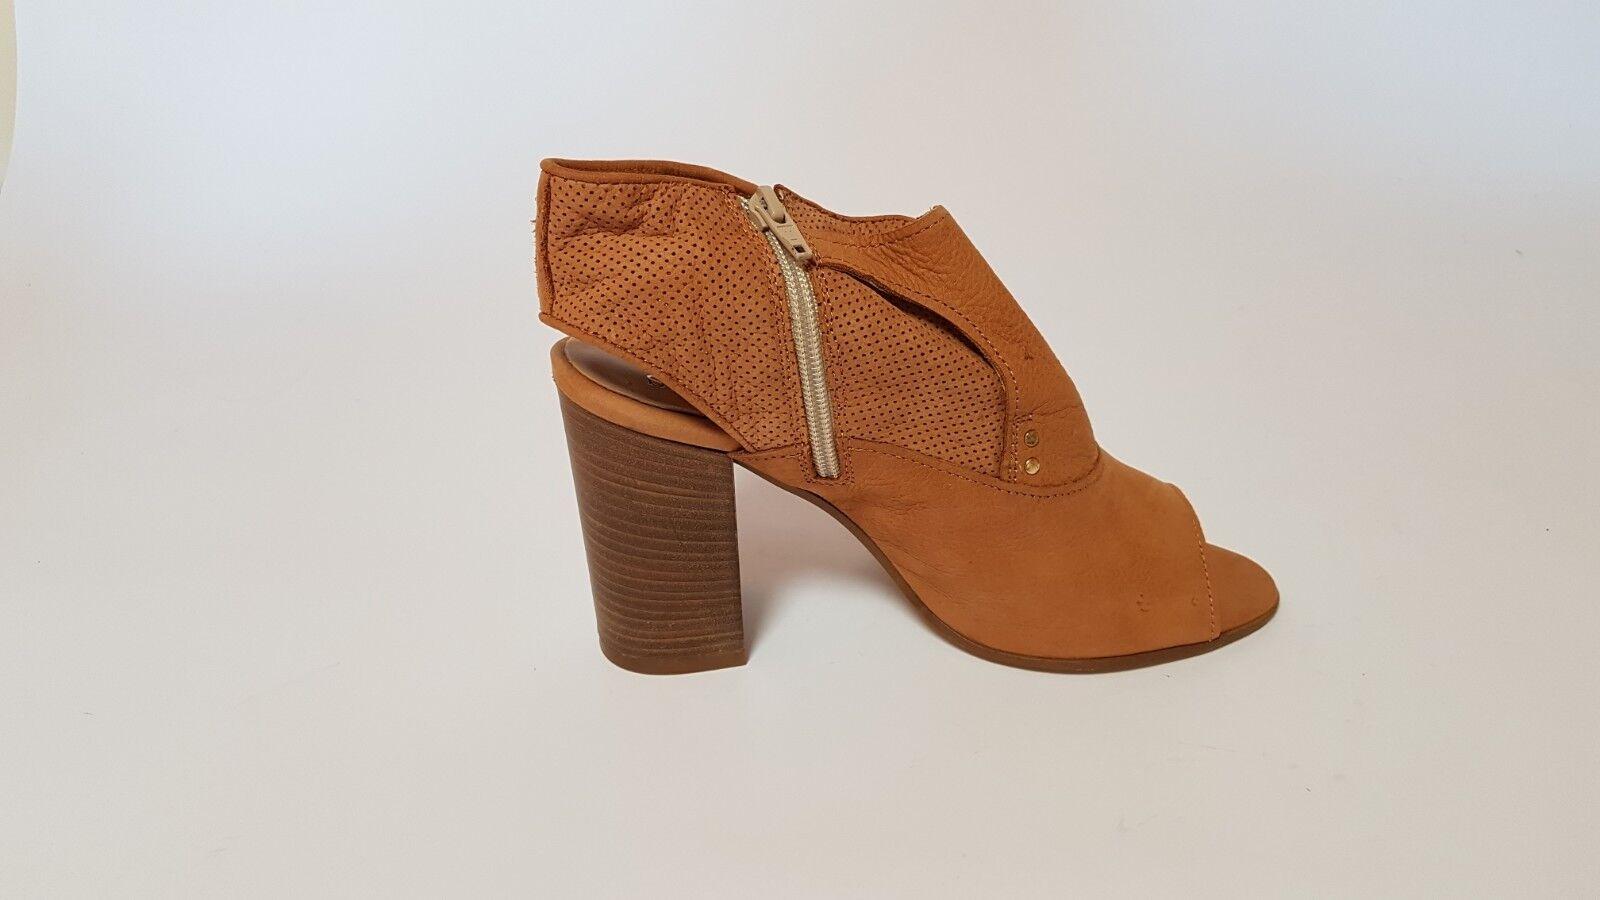 Sandalia  con tacon femmes, Couleur marron, marca; Sessei, Taille 40, muy bonito.